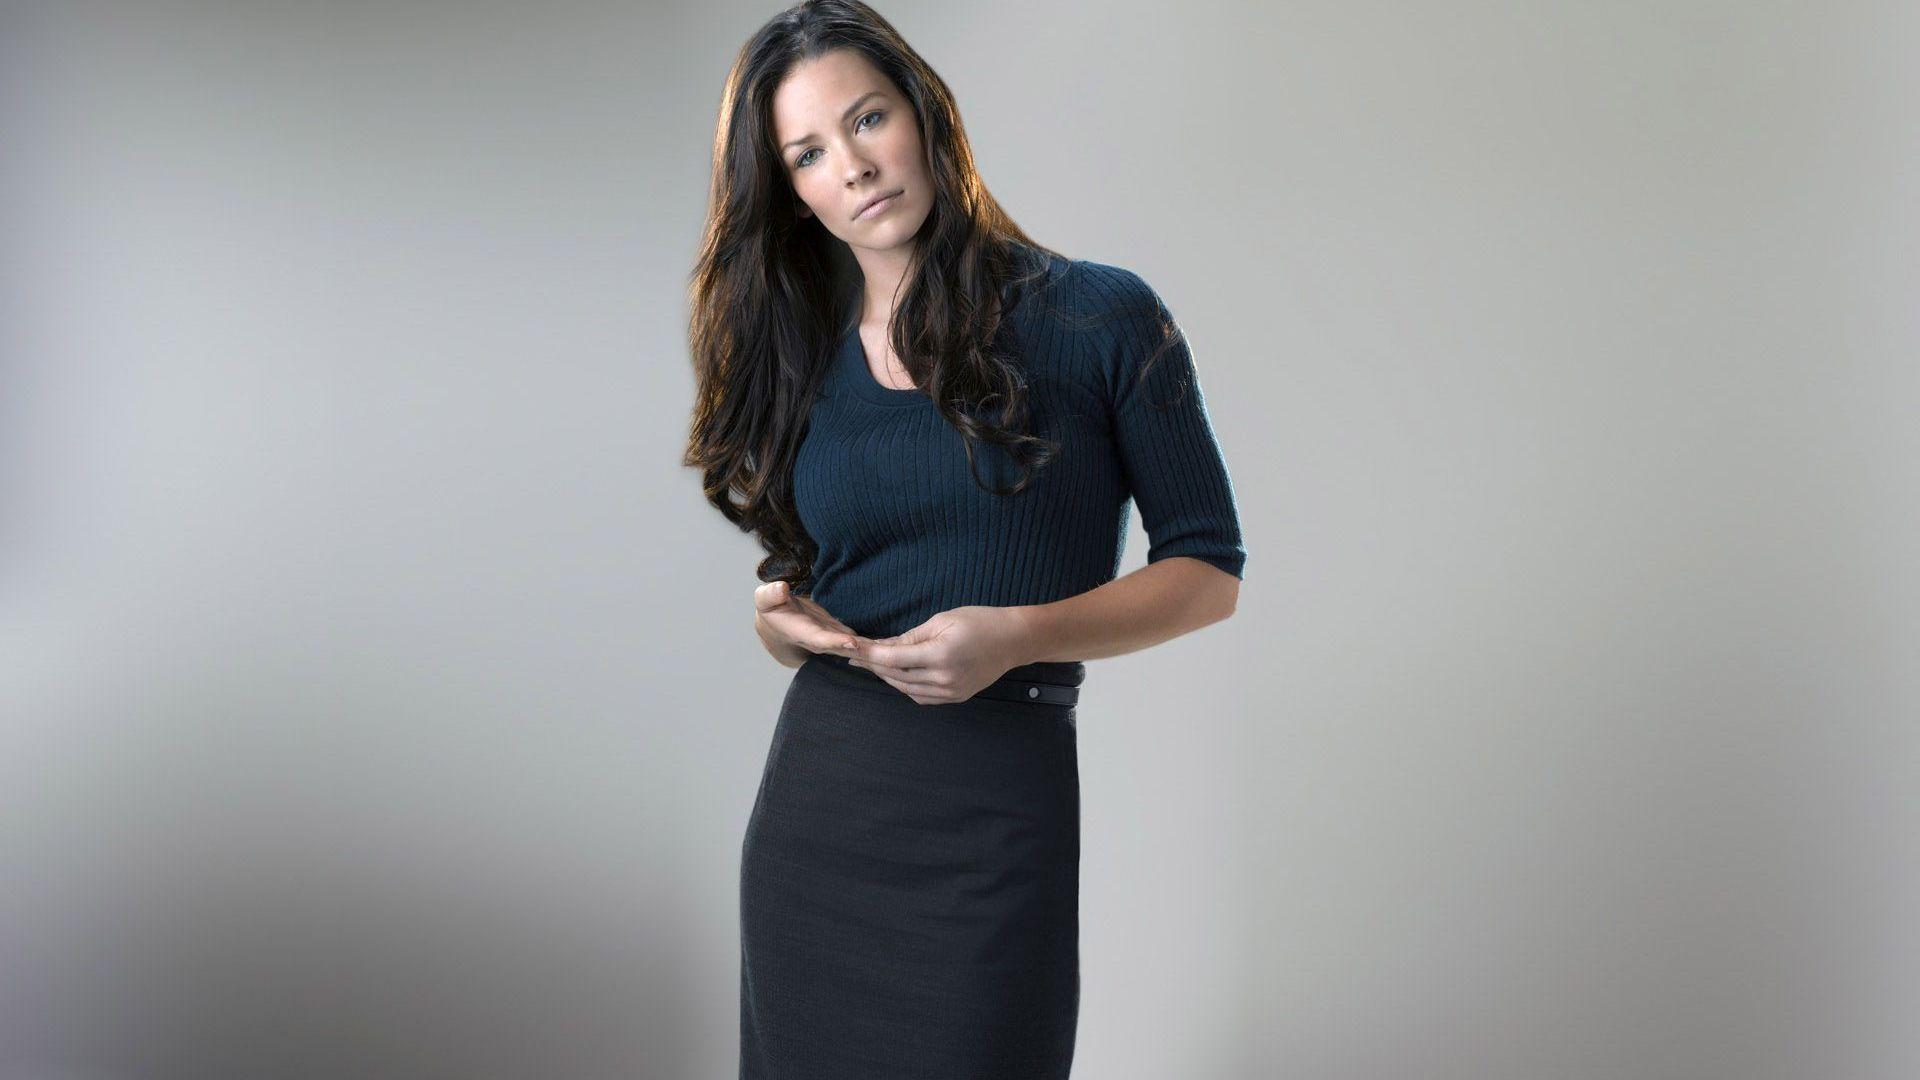 Download Evangeline Lilly in office wear wallpaper 1920x1080